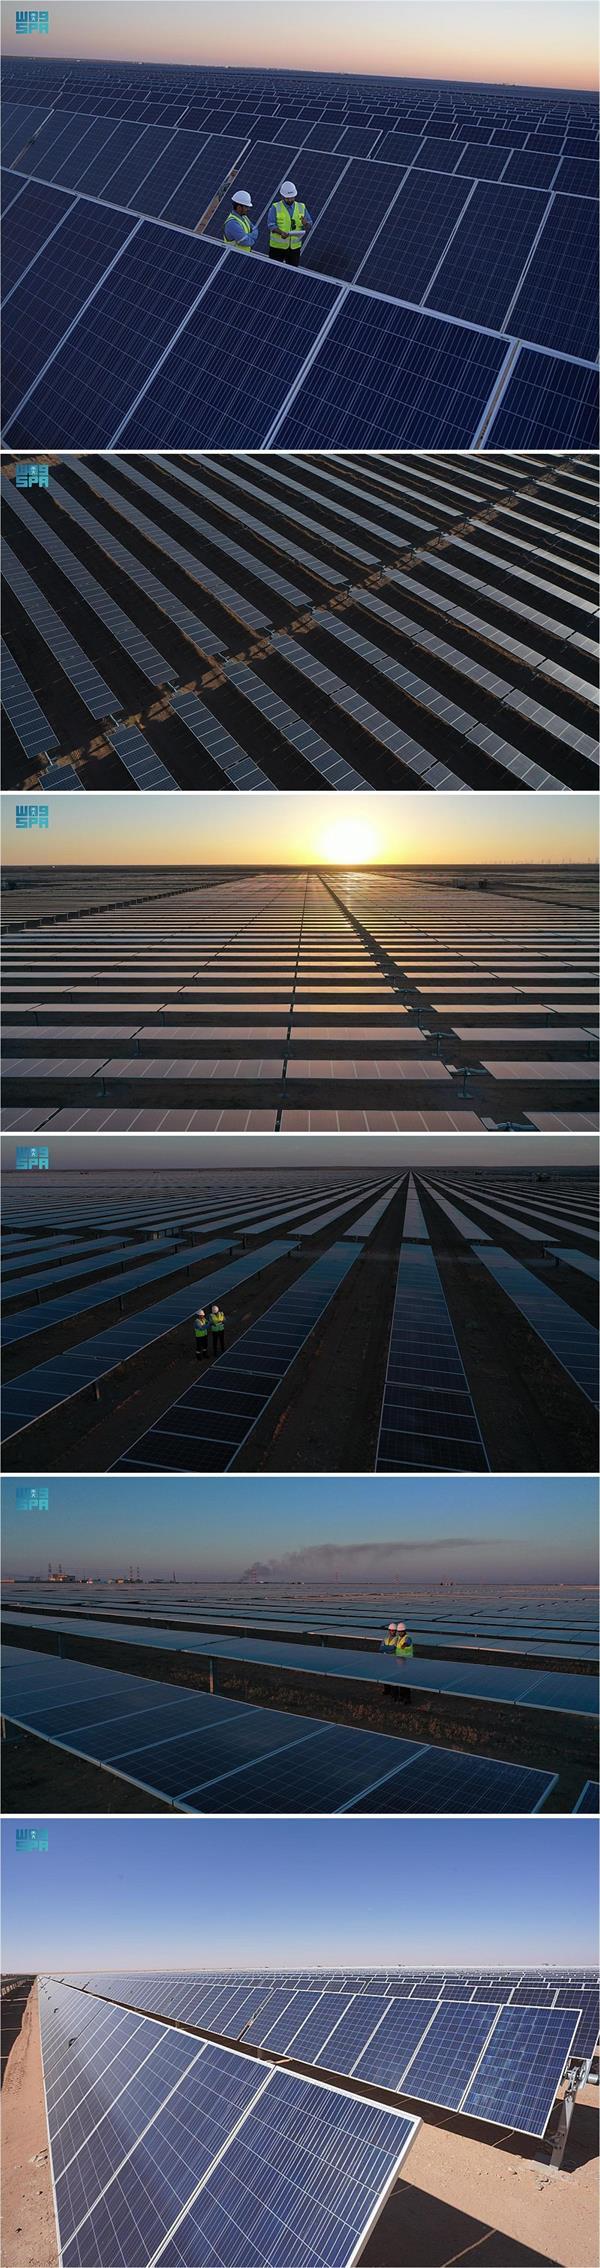 افتتاح مشروع محطة سكاكا لإنتاج الكهرباء من الطاقة الشمسية وتوقيع اتفاقيات شراء الطاقة لـ 7 مشروعات جديدة